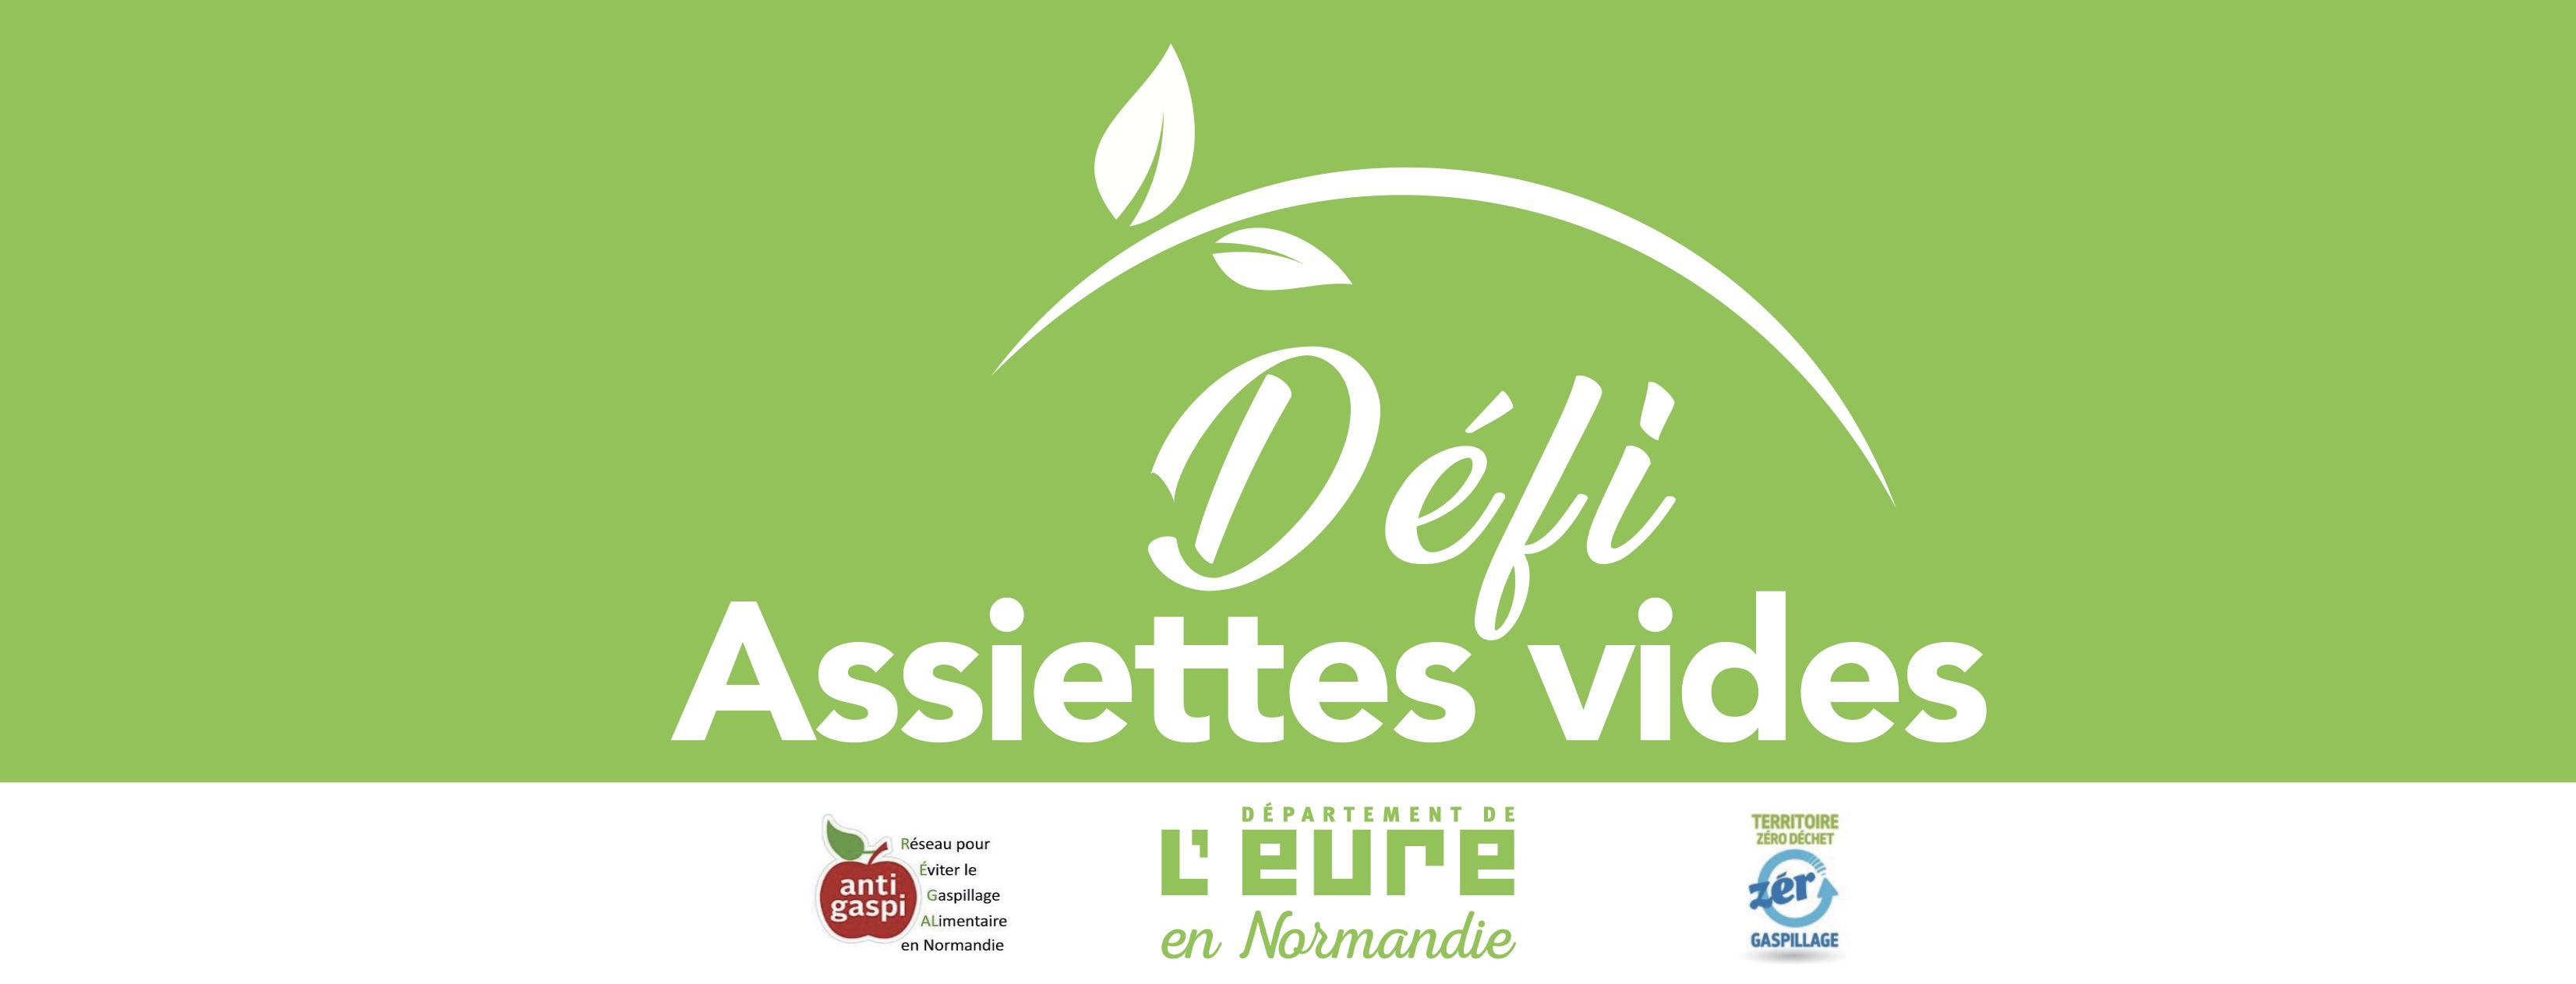 Du 20 au 24 mai, les collégiens de l'Eure sont invités à relever le défi des « assiettes vides » pour lutter efficacement contre le gaspillage alimentaire.